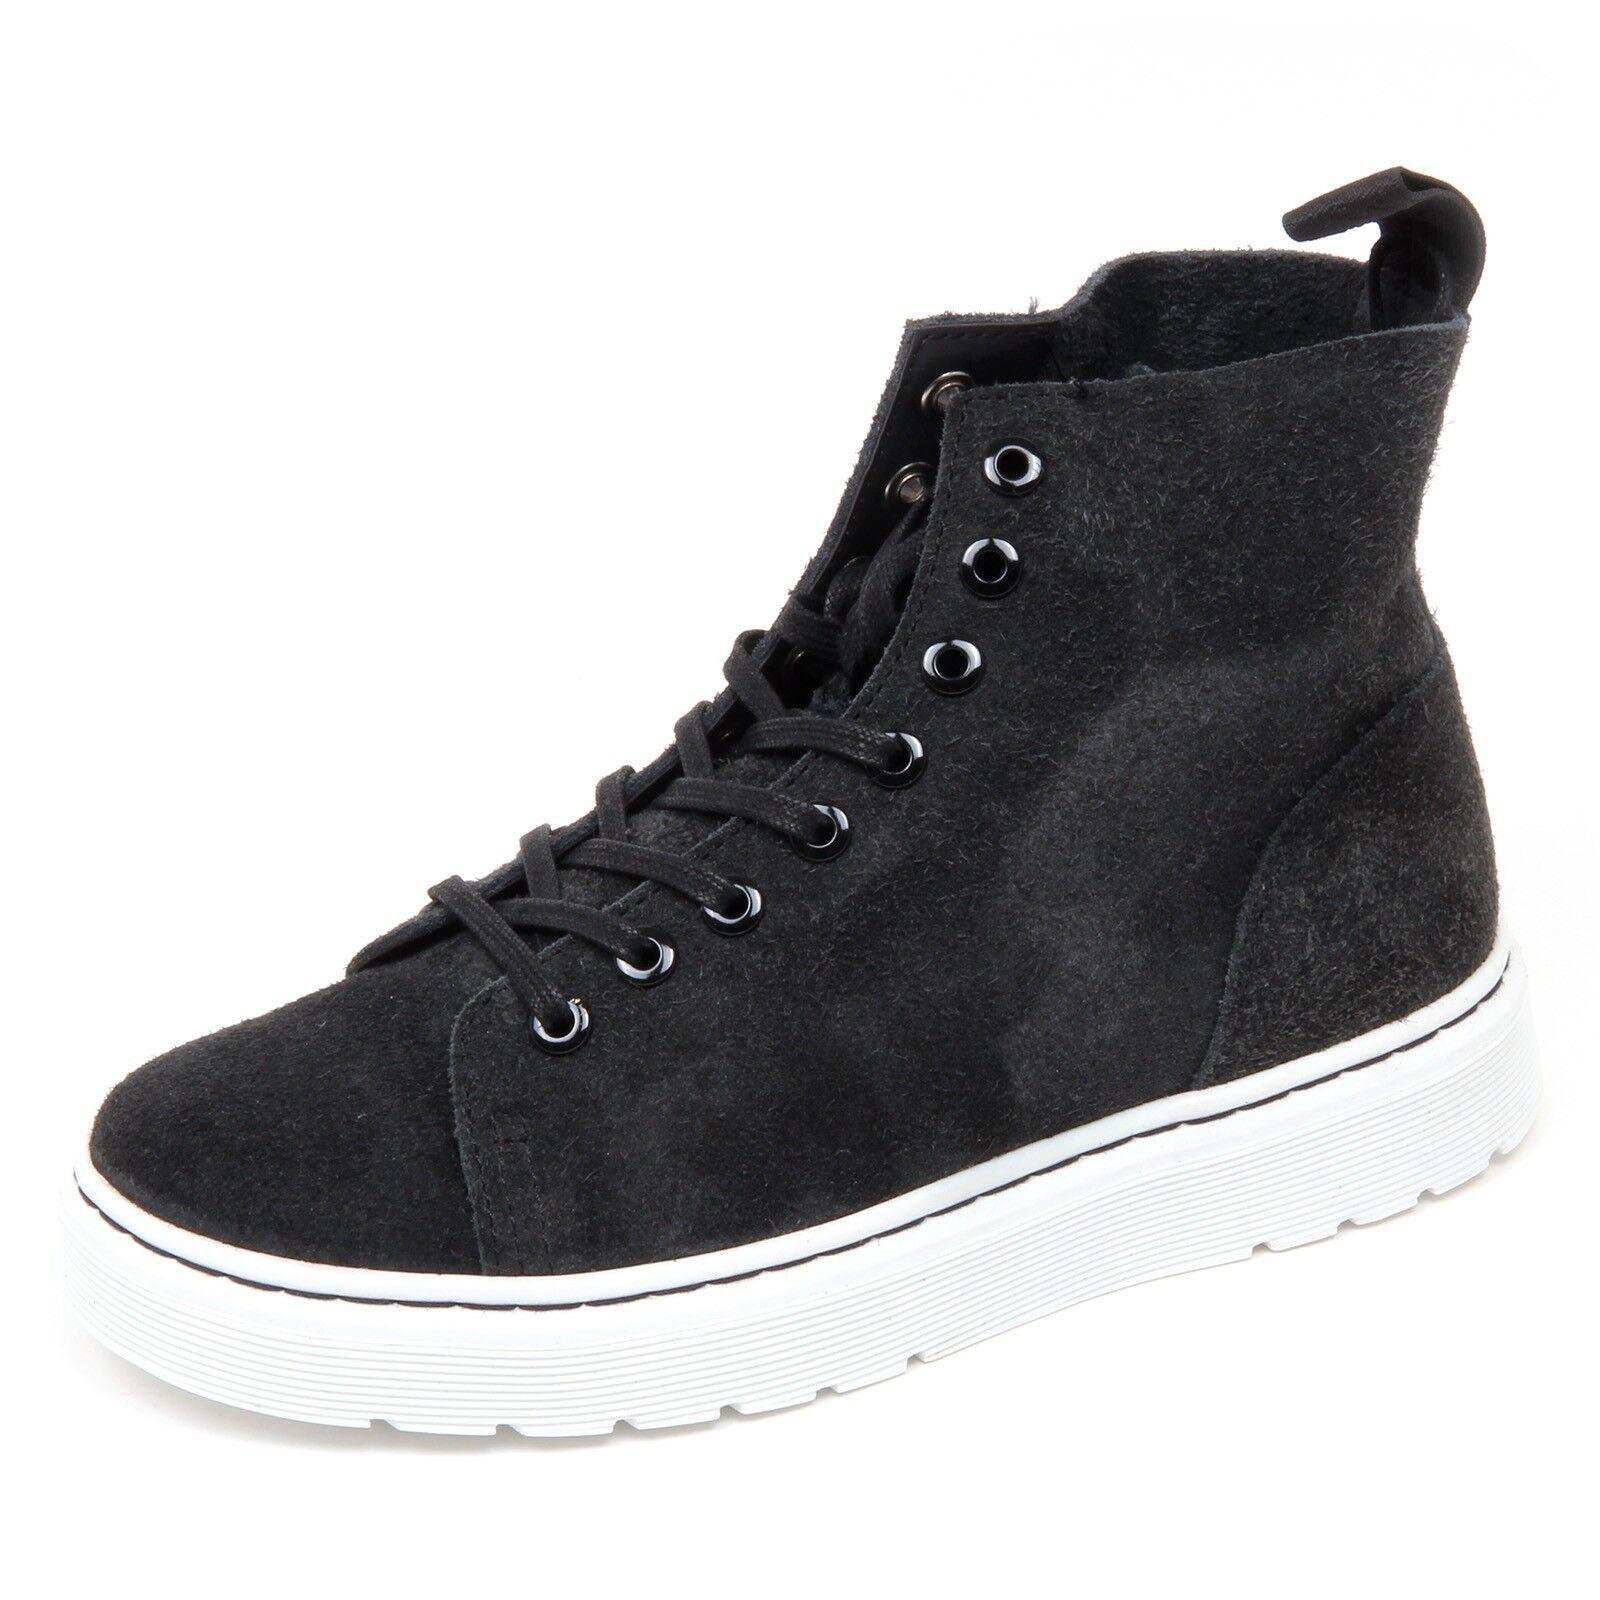 D2008 sneaker donna DR. MARTENS shoe TALIB scarpe nero vintage shoe MARTENS woman a9b2ac